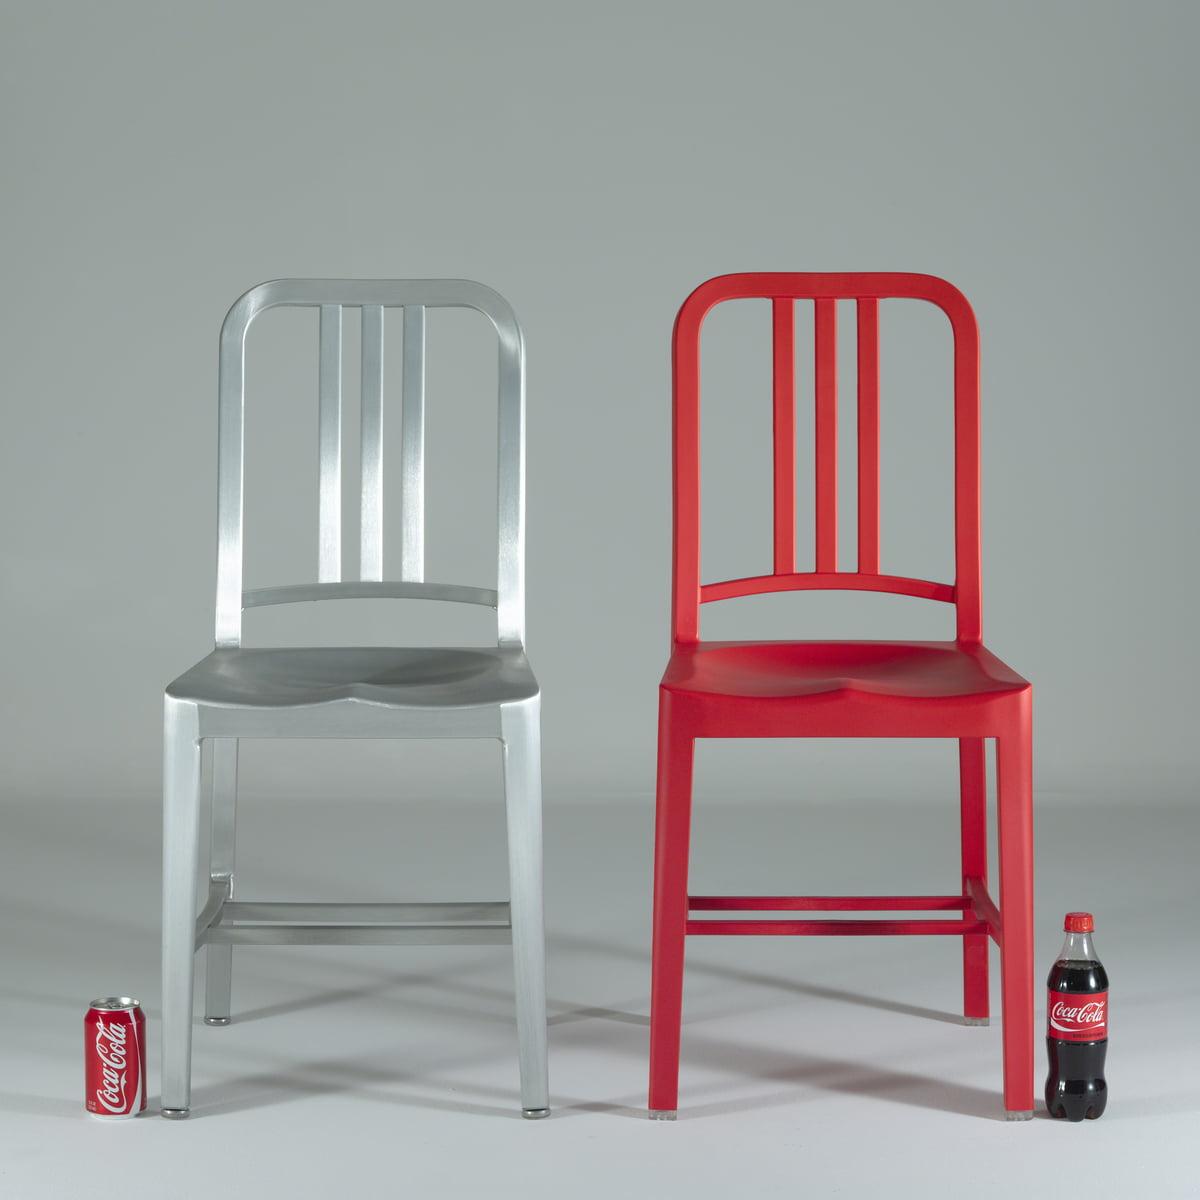 111 navy coca-cola chair | emeco | shop